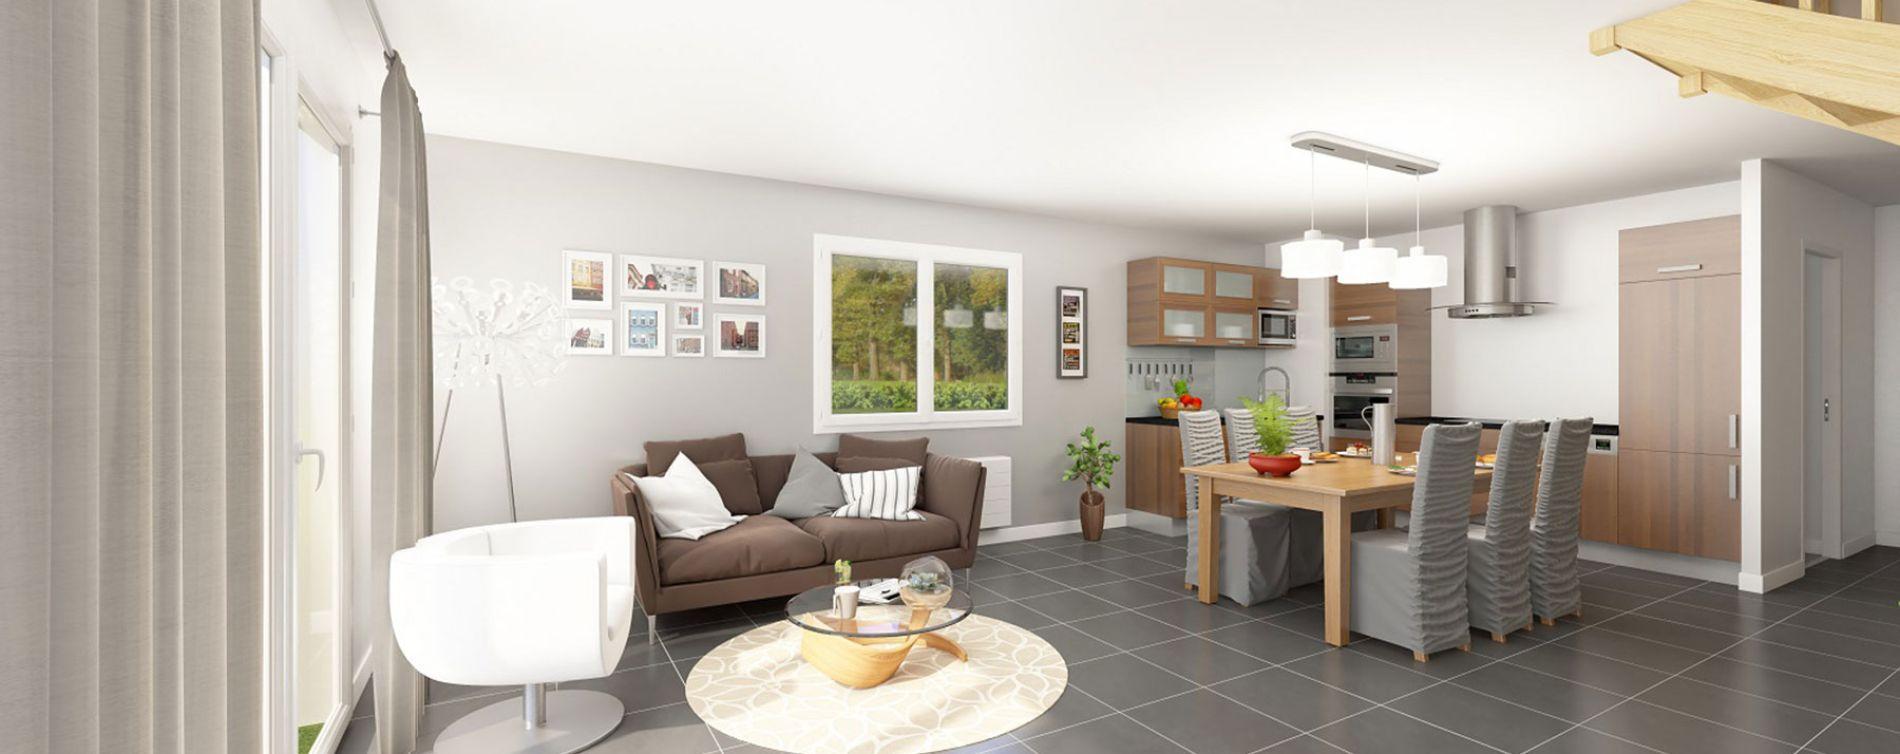 Saint-Jean-de-Boiseau : programme immobilier neuve « Apollinaire » (4)